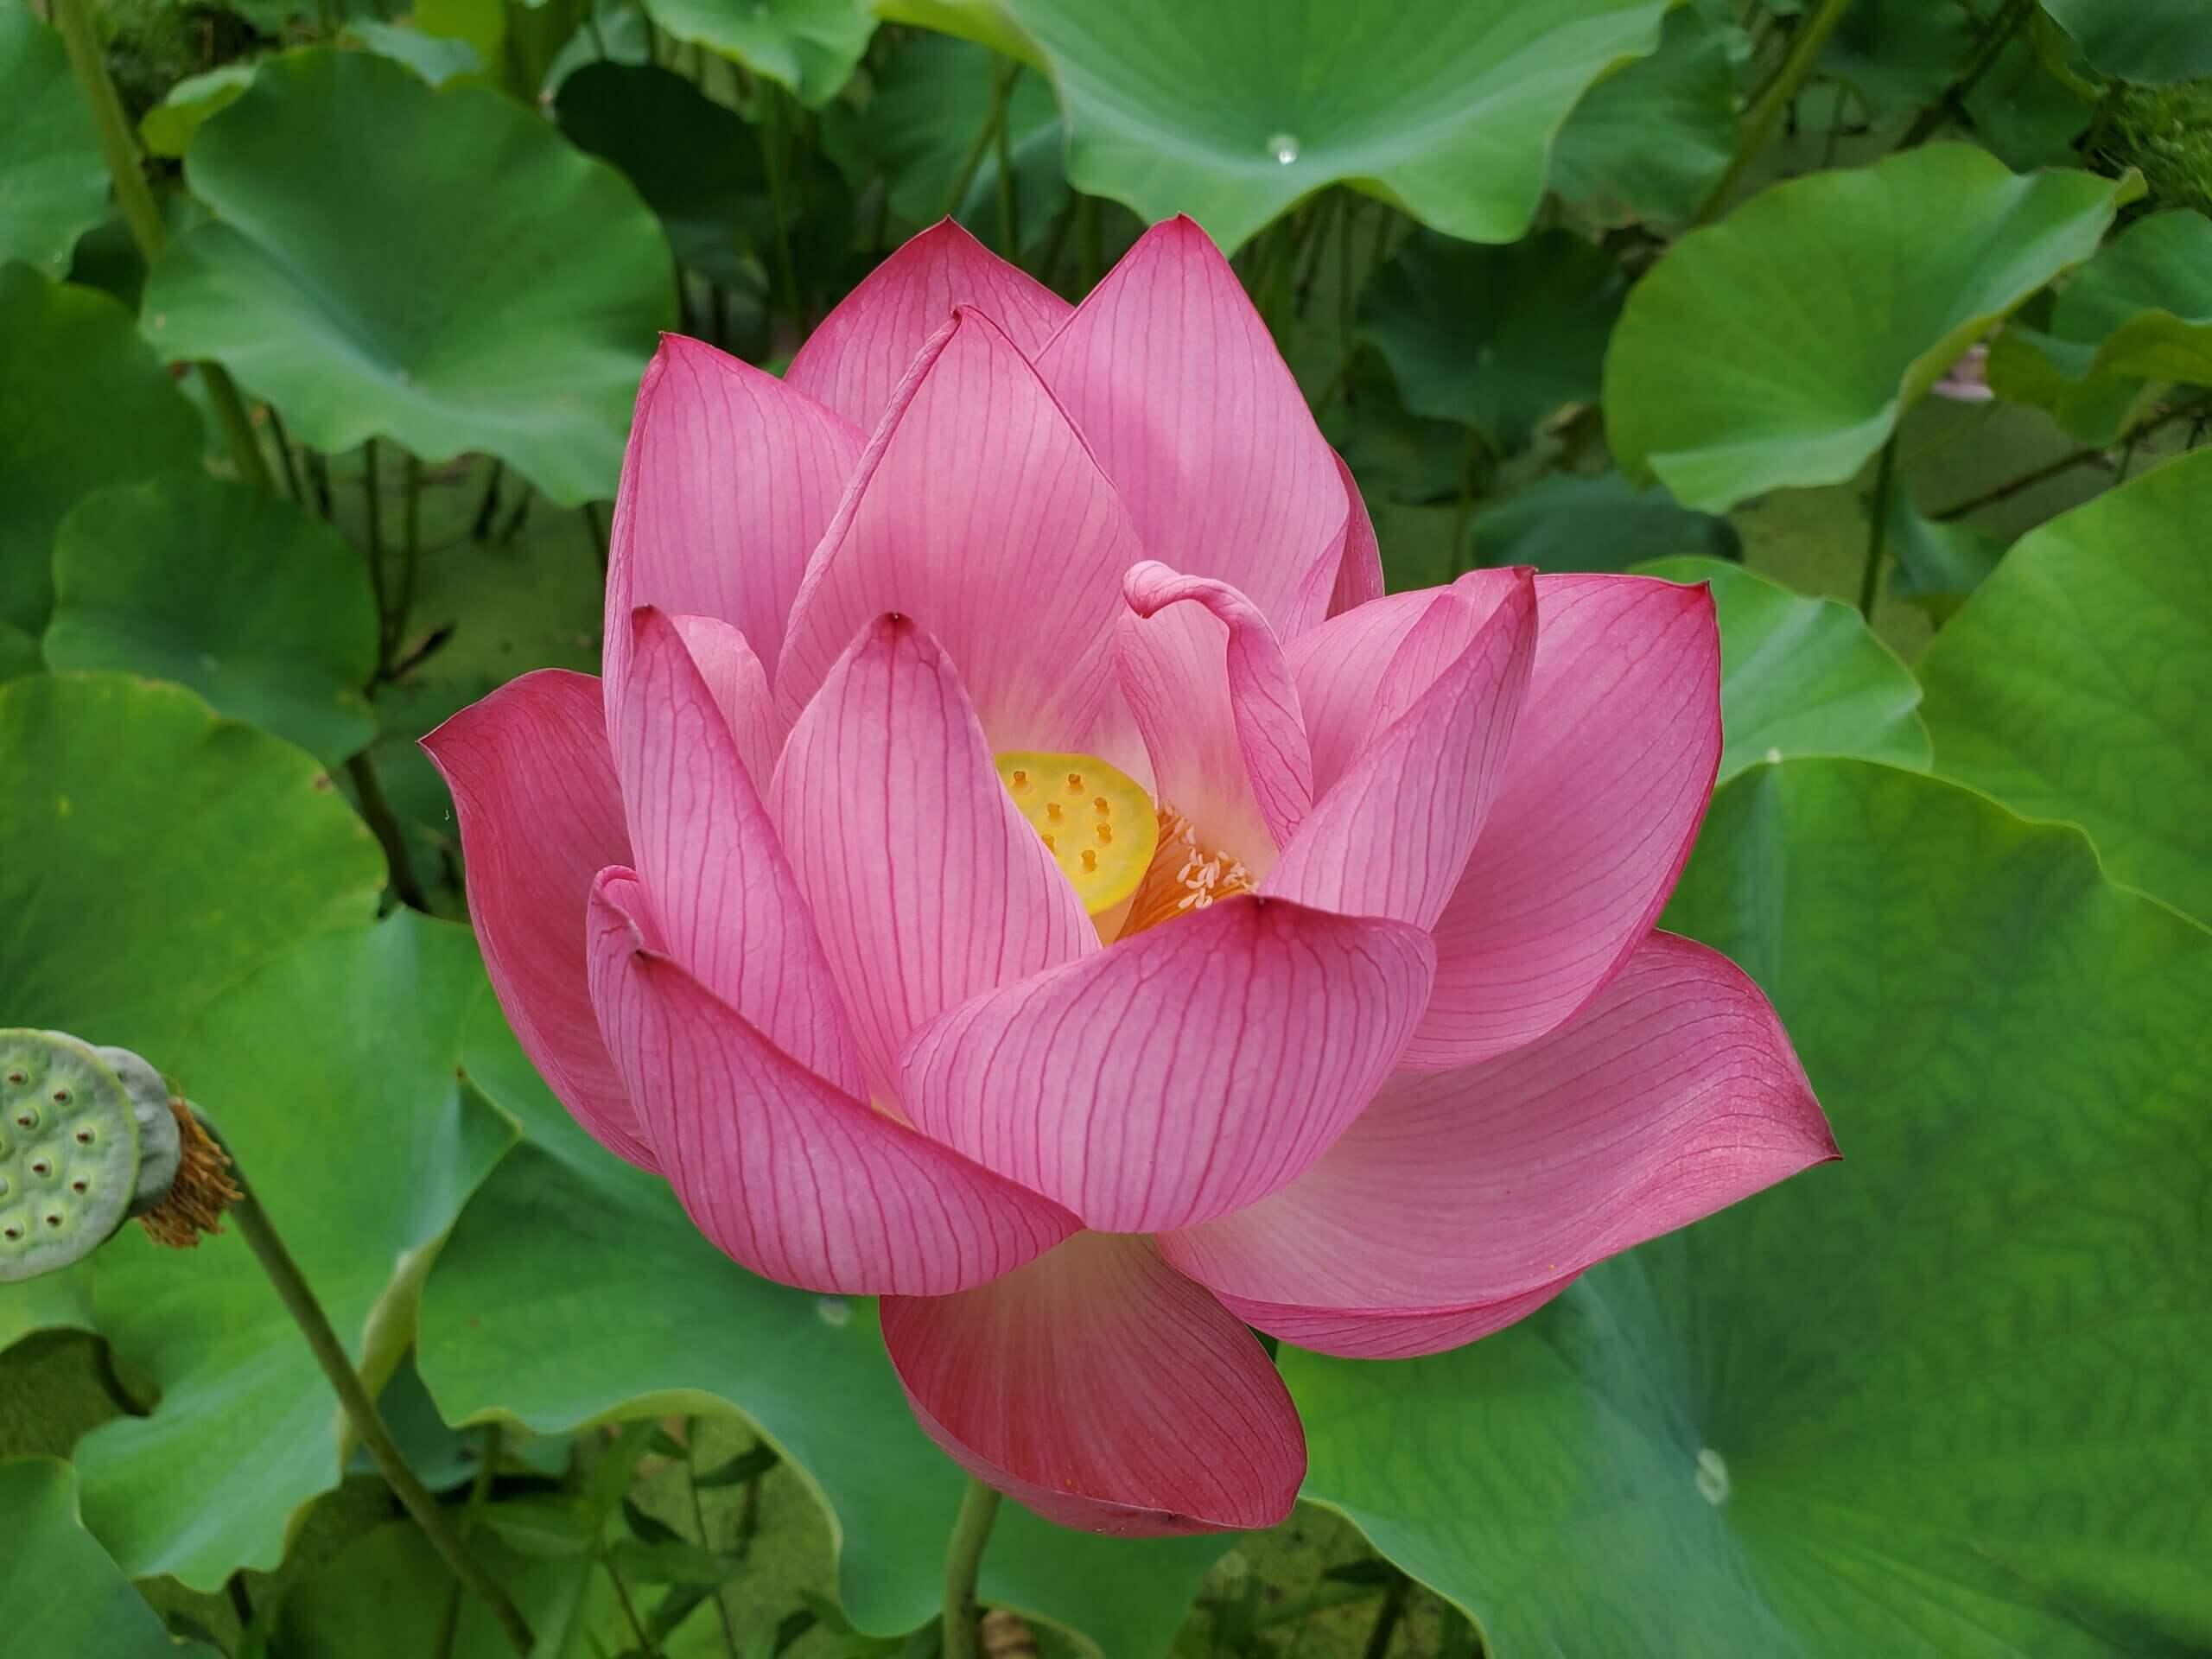 【古代ハス園】桜の季節が終わり藤の花、蓮の花に癒される公園《山鹿市鹿央町岩原》